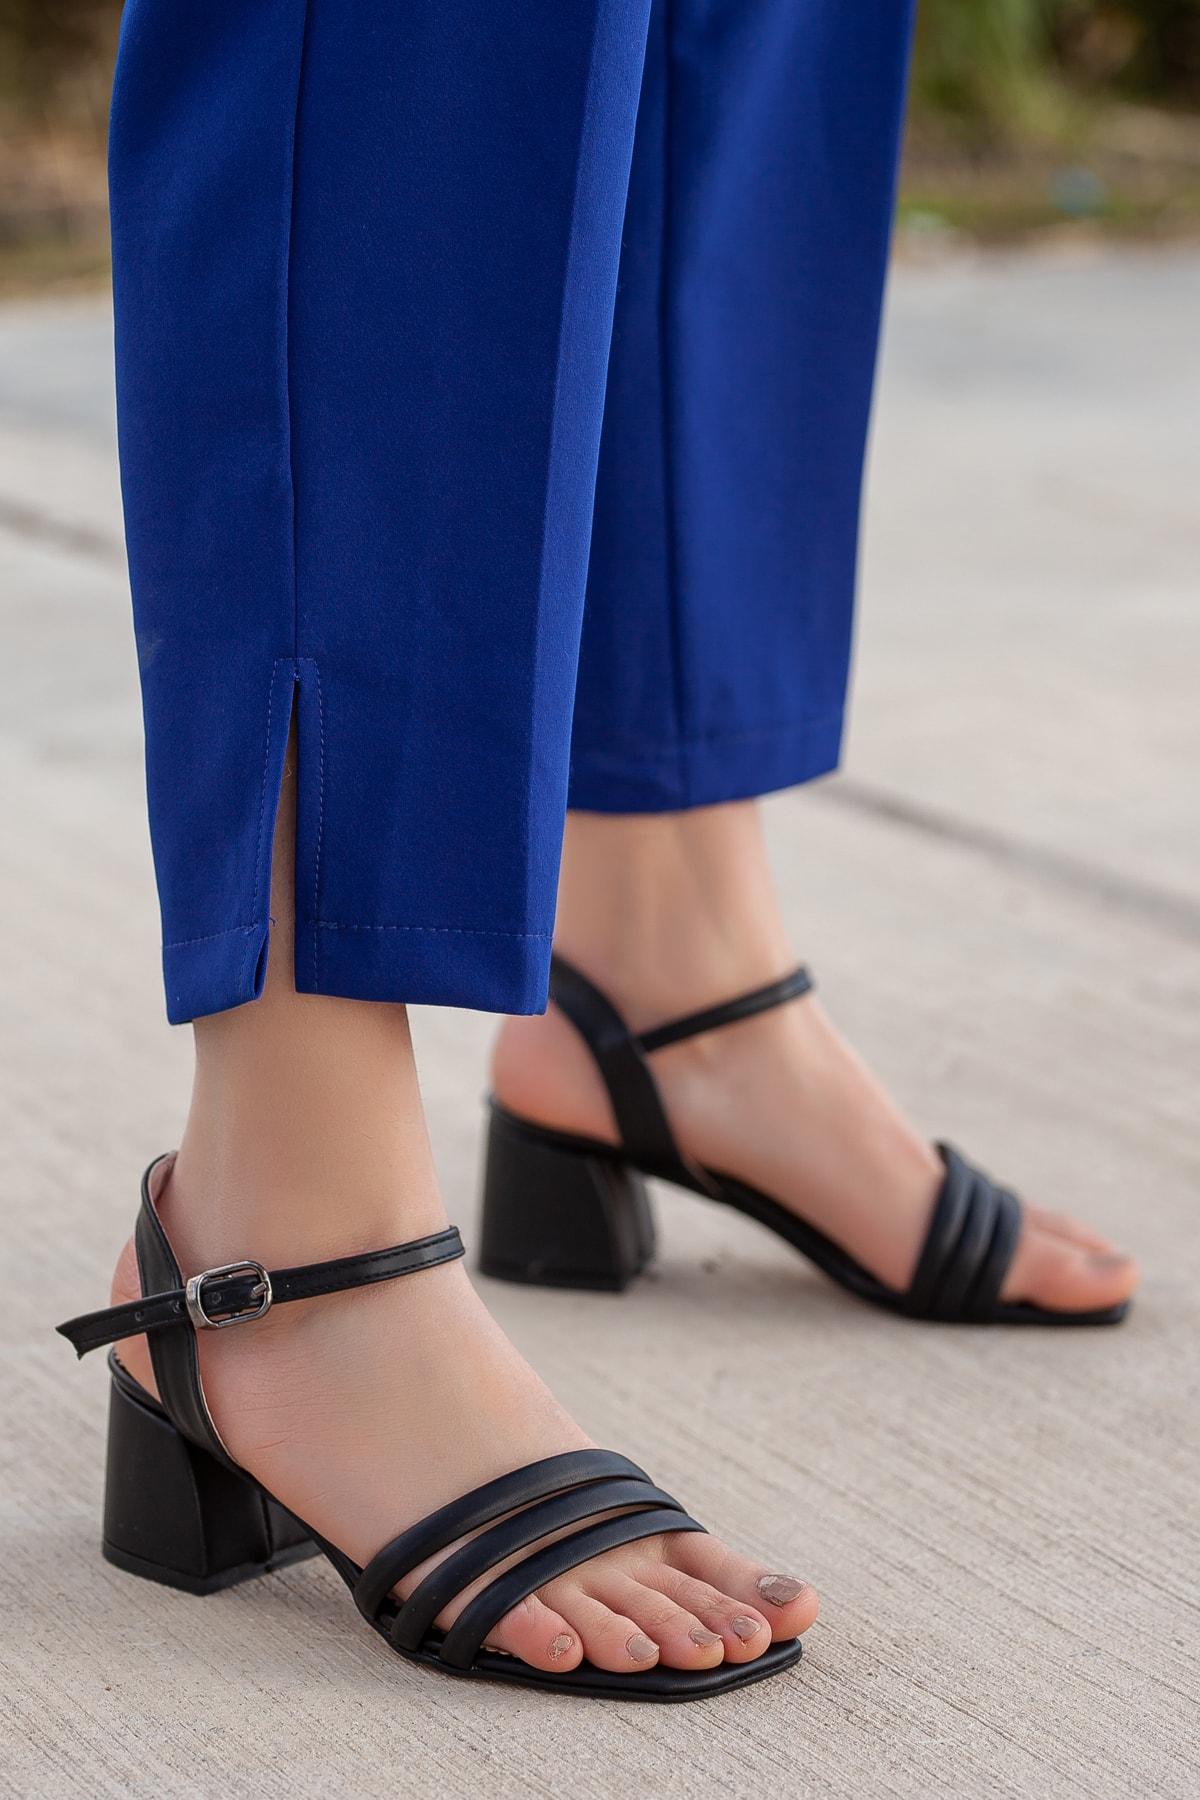 Daxtors Kadın Siyah Klasik Topuklu Ayakkabı 2